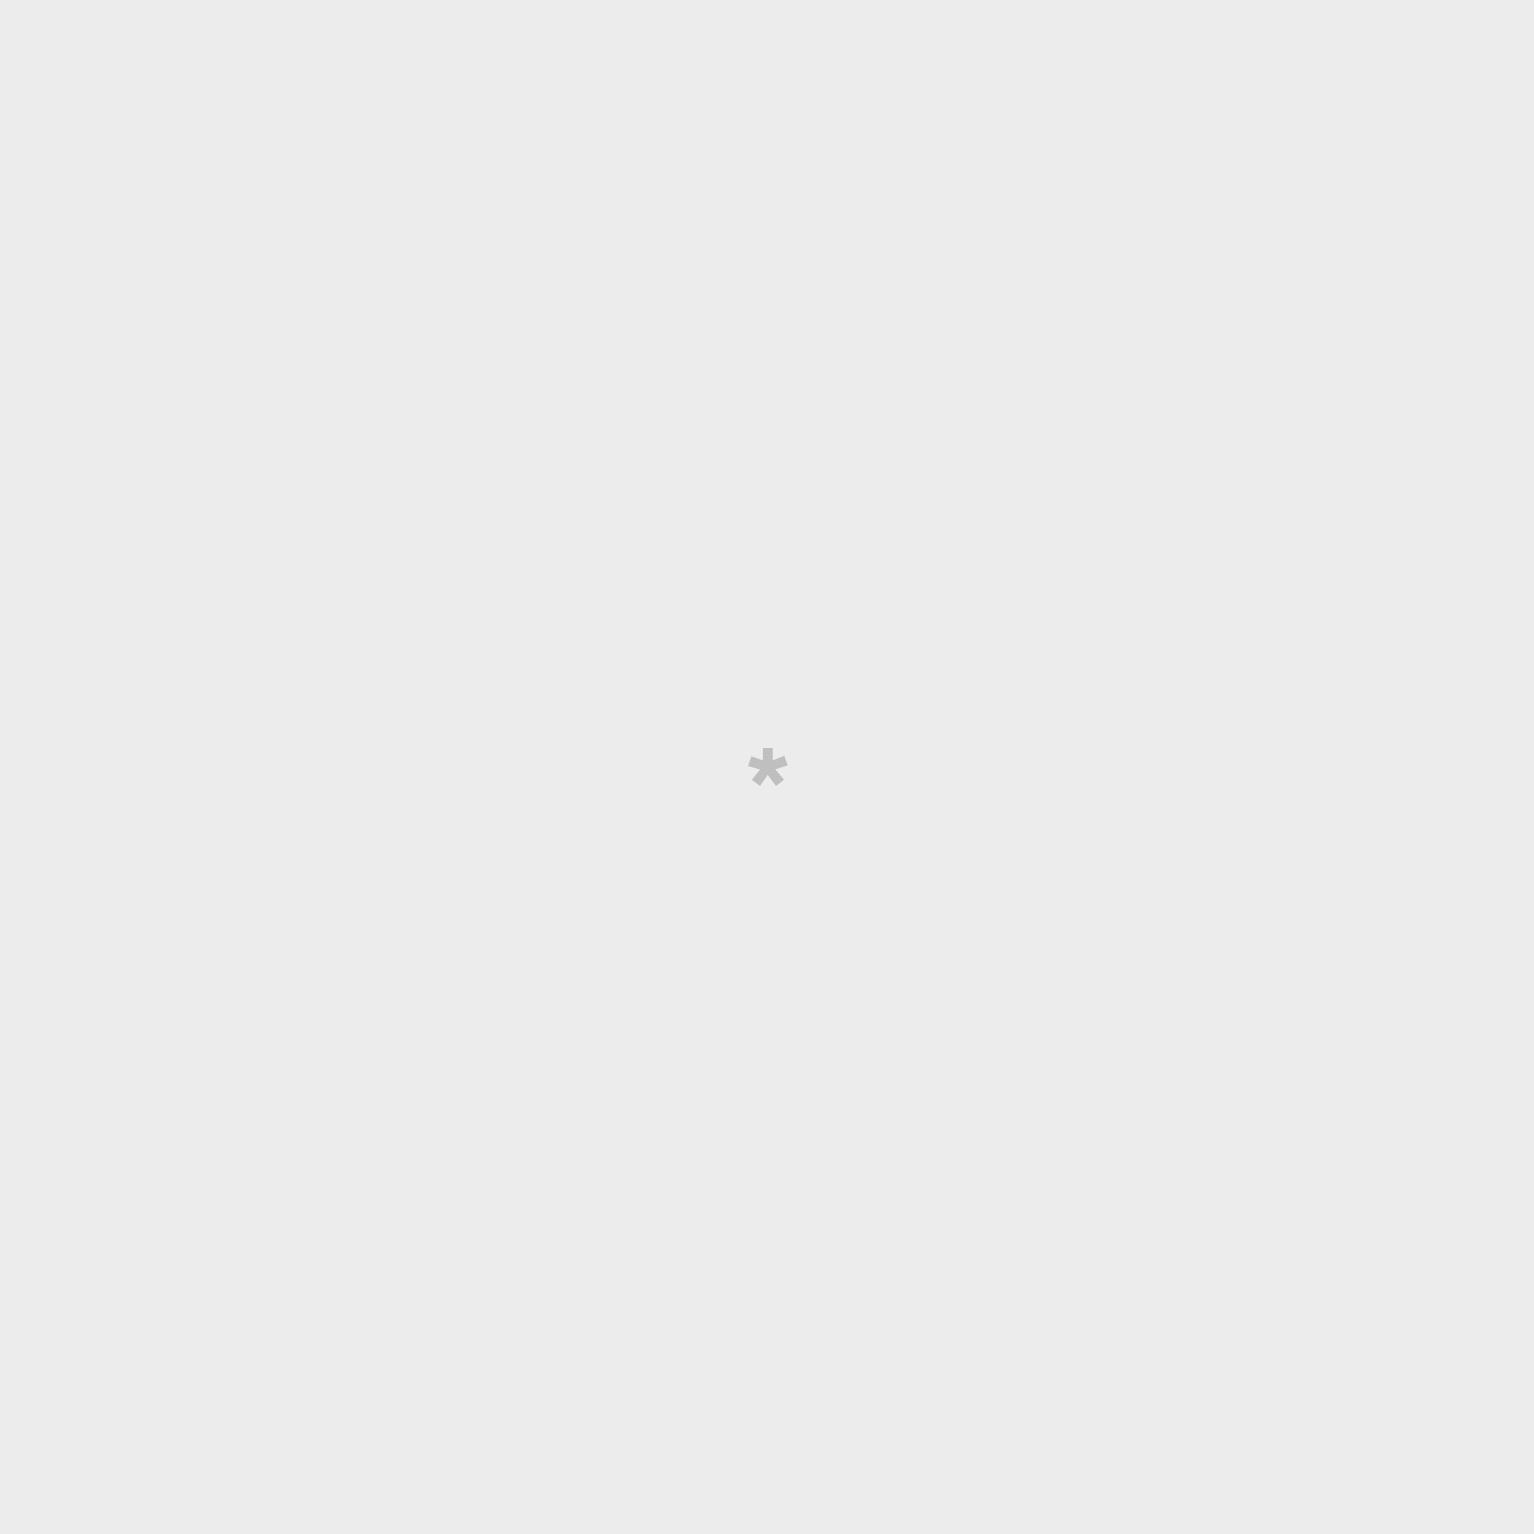 Diario de viaje - Ese lugar perfecto para perderse